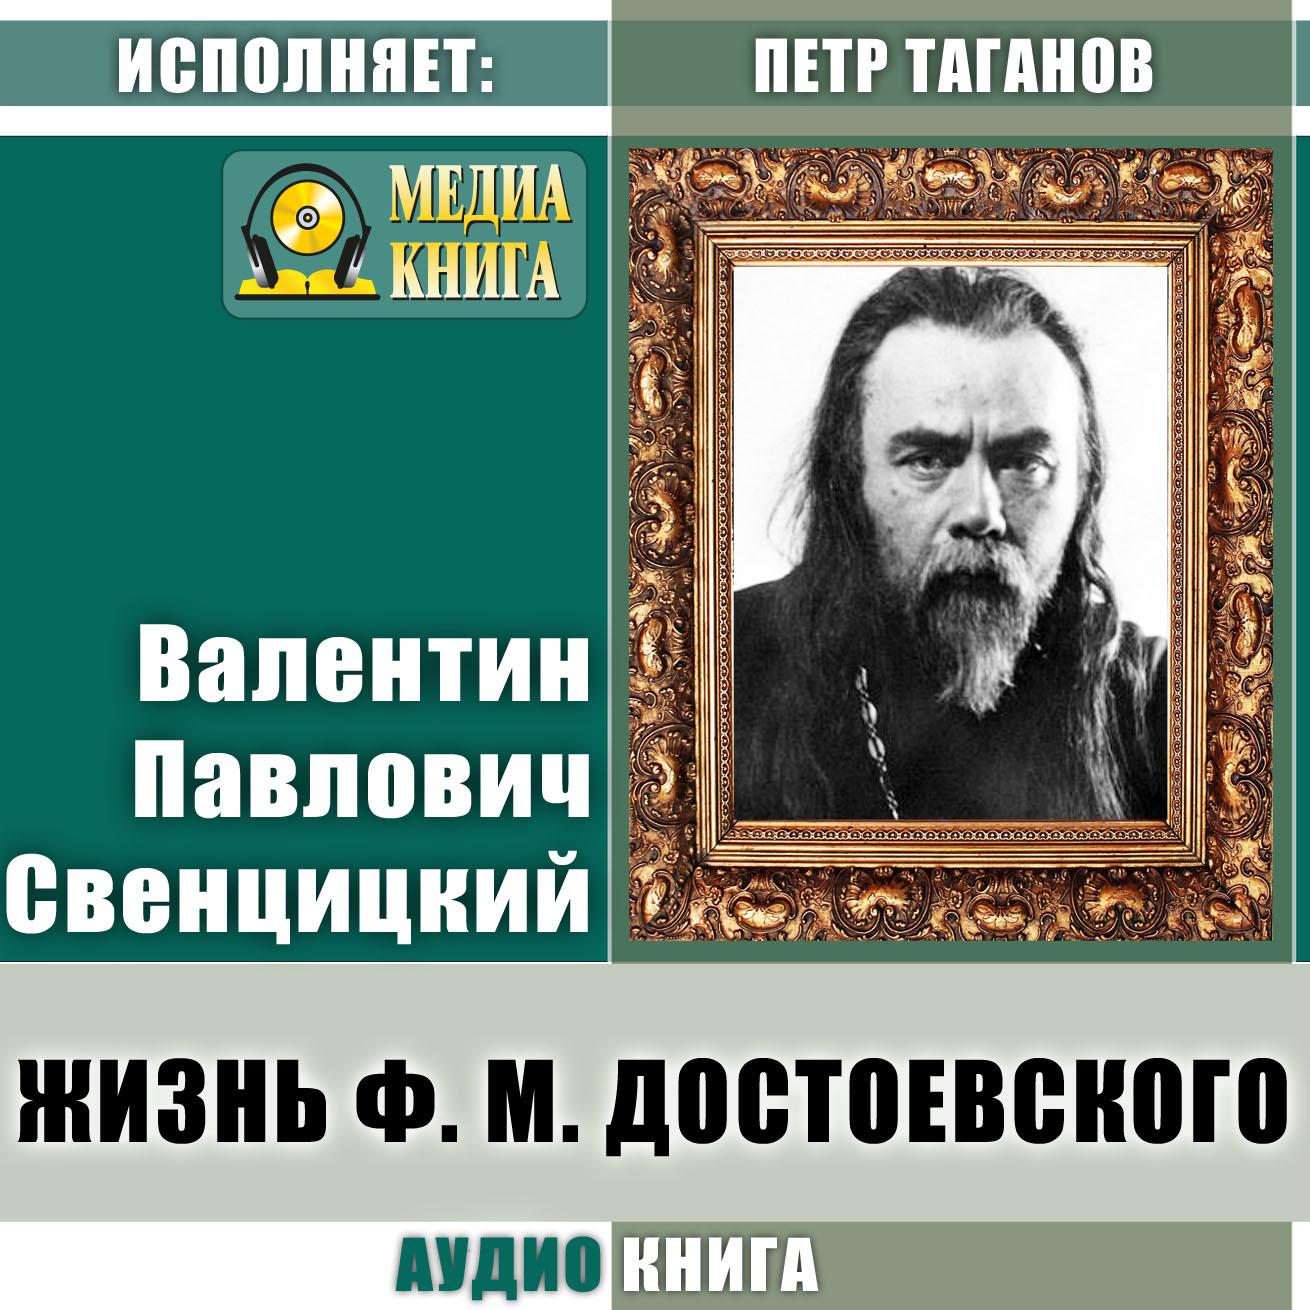 Жизнь Ф. М. Достоевского